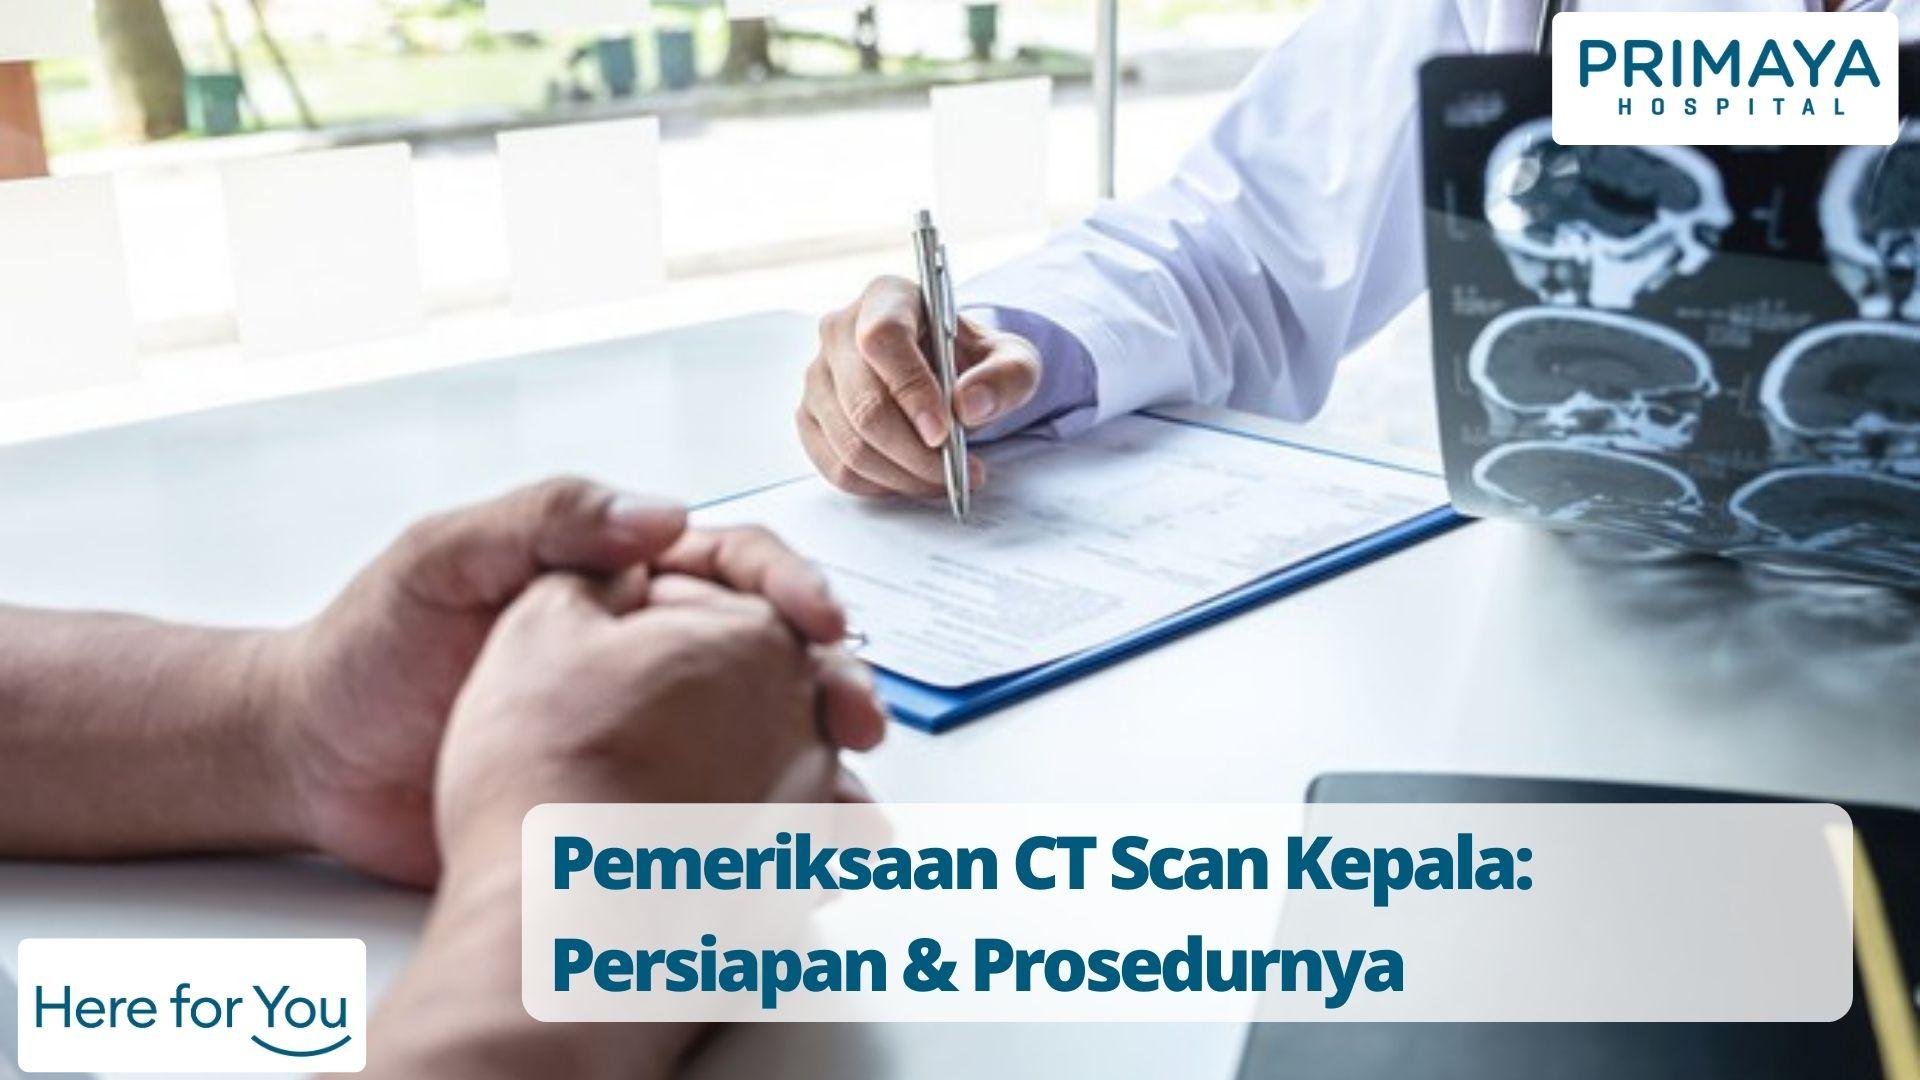 Pemeriksaan CT Scan Kepala_ Persiapan & Prosedurnya